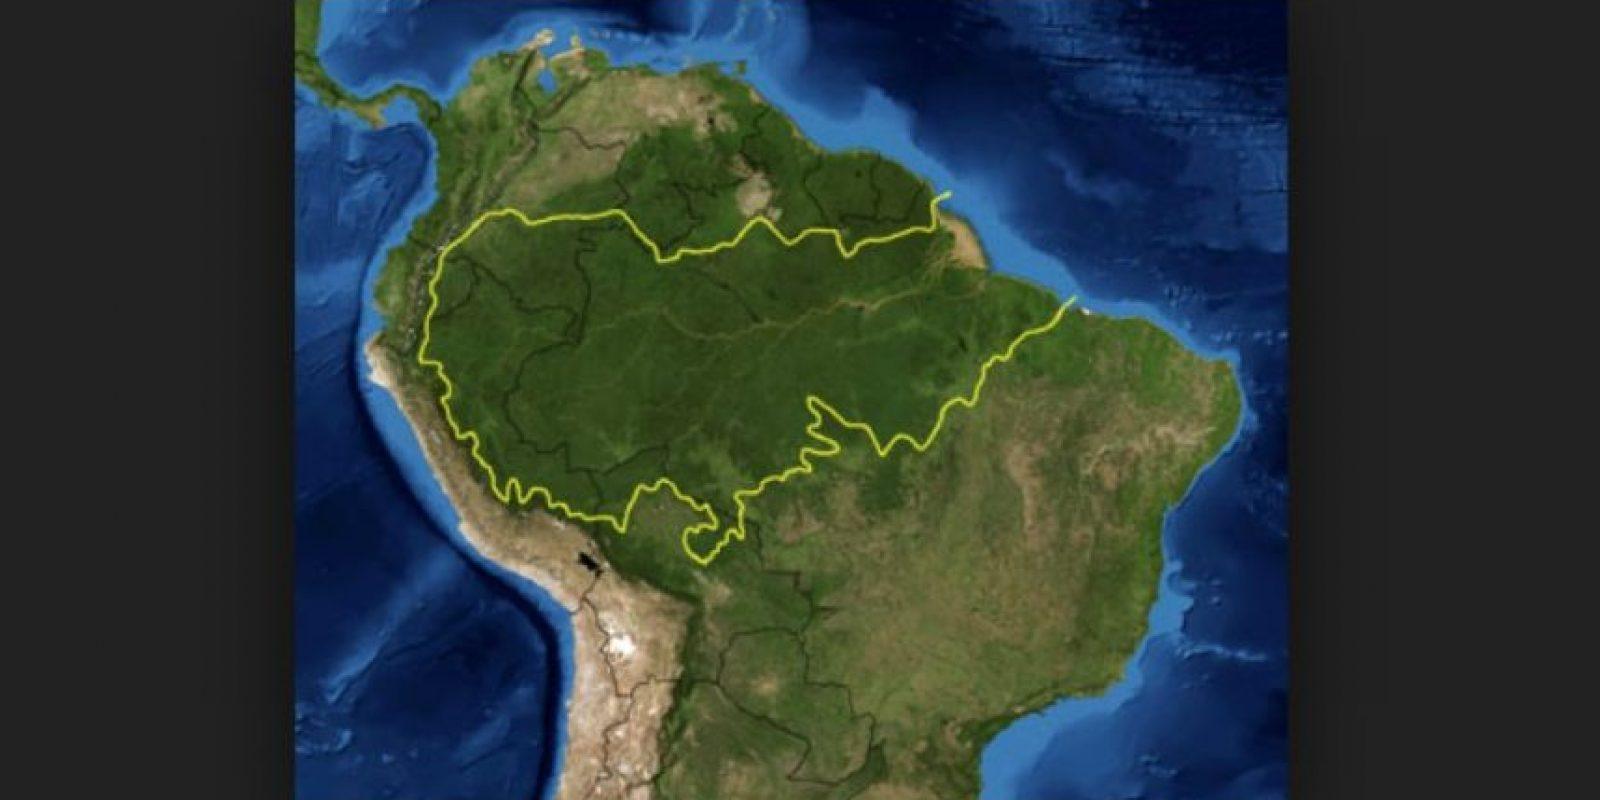 Esta selva amazónica es el bosque tropical más extenso del mundo. Foto:wikipedia.org